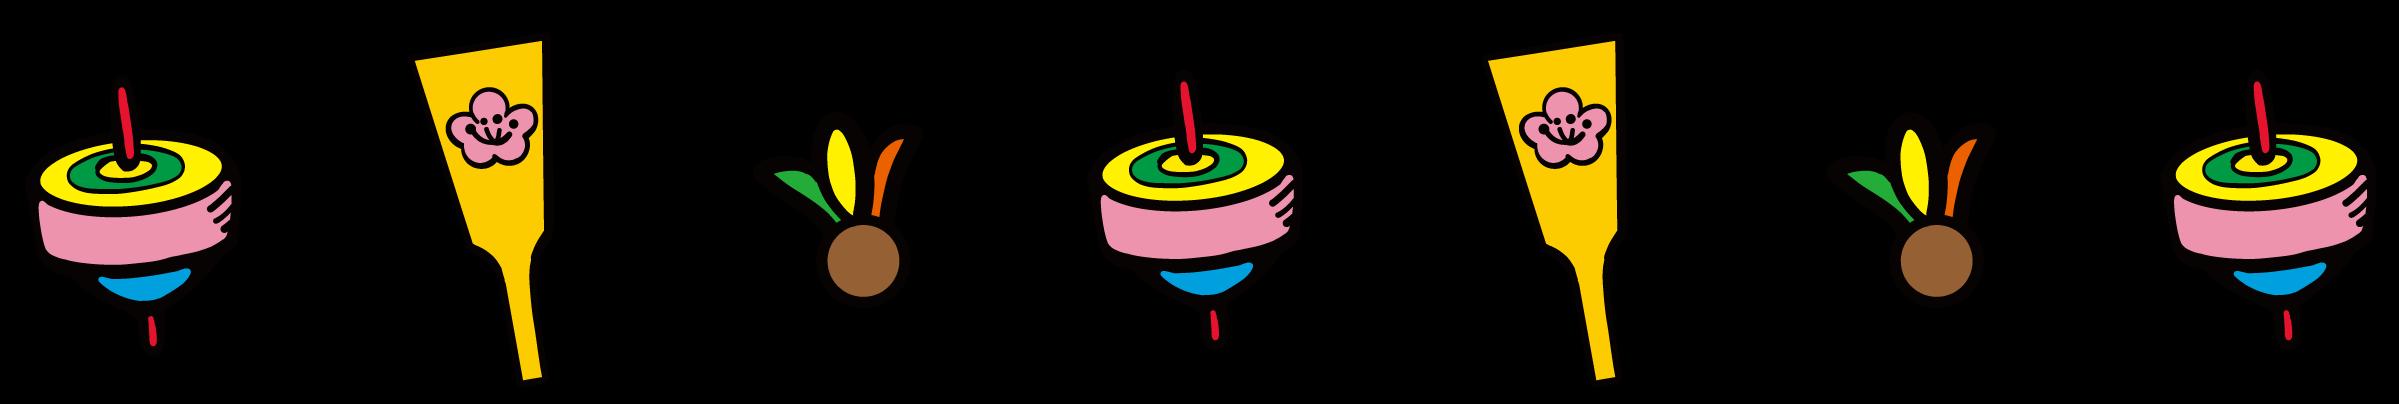 お正月の遊びのライン素材のイラスト